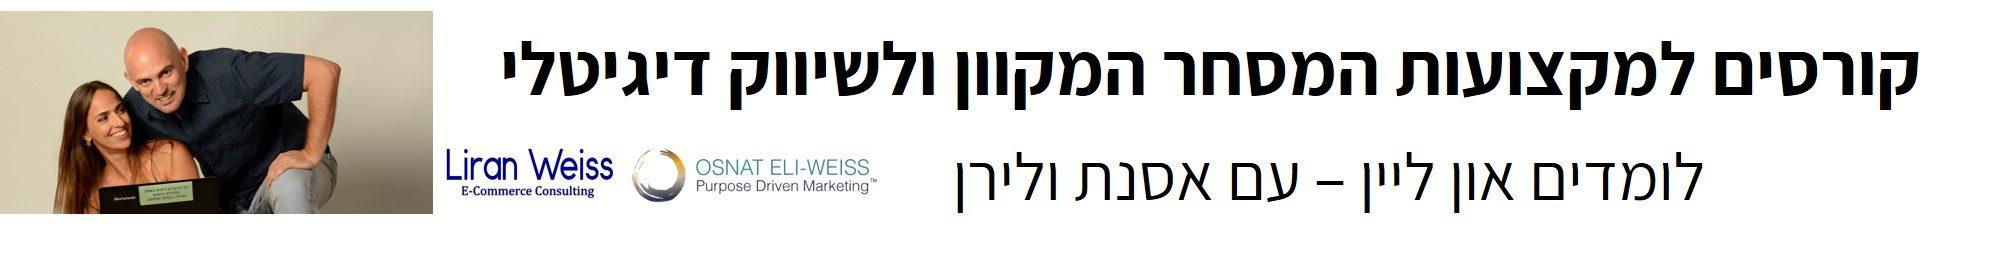 קורסים אונליין – לירן וויס, אסנת אלי וויס